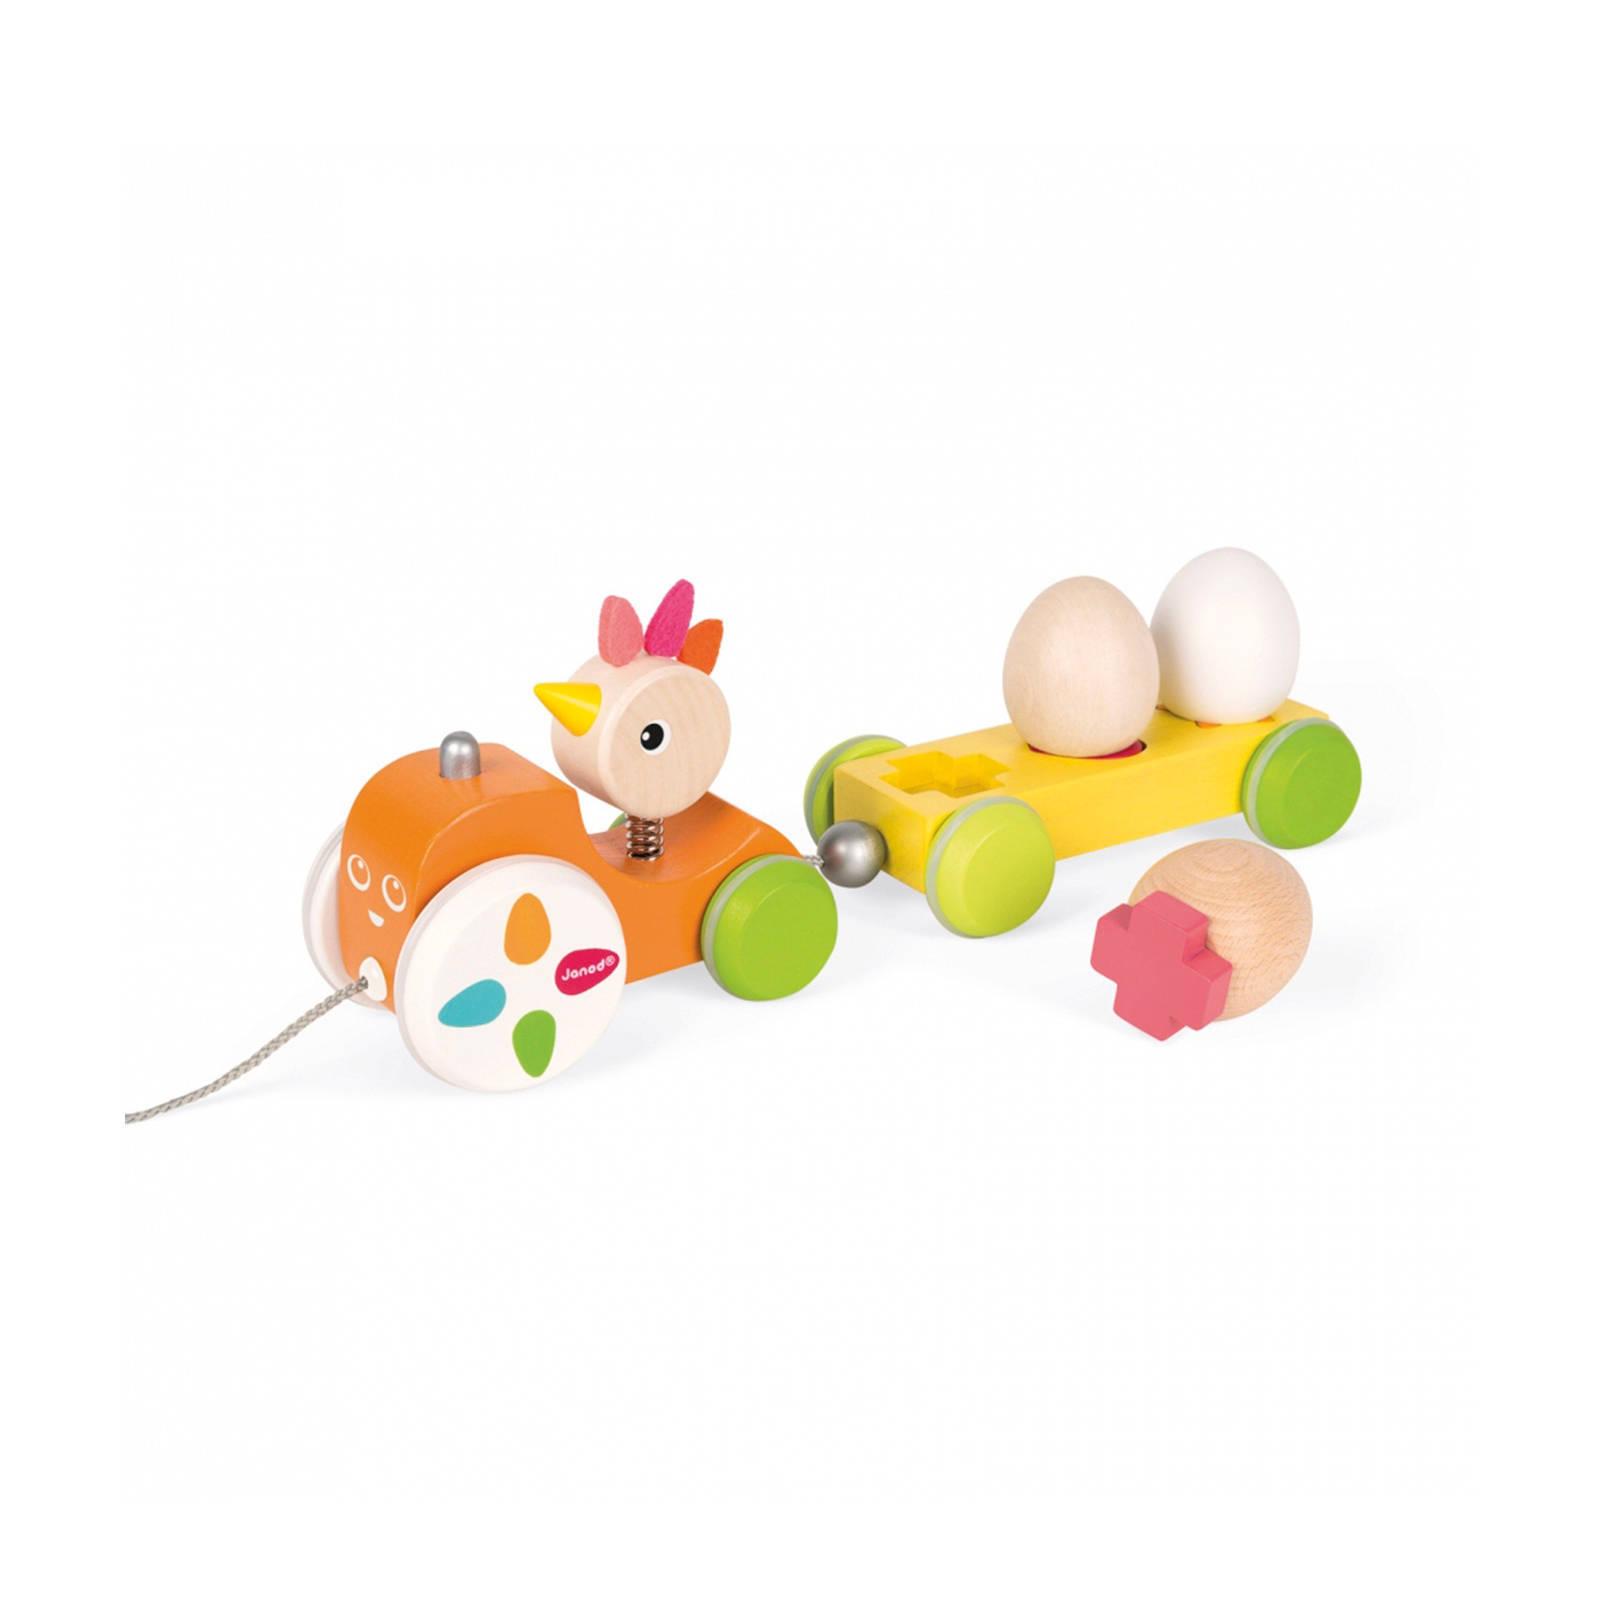 Houten Garage Janod : Houten speelgoed bij wehkamp gratis bezorging vanaf 20.